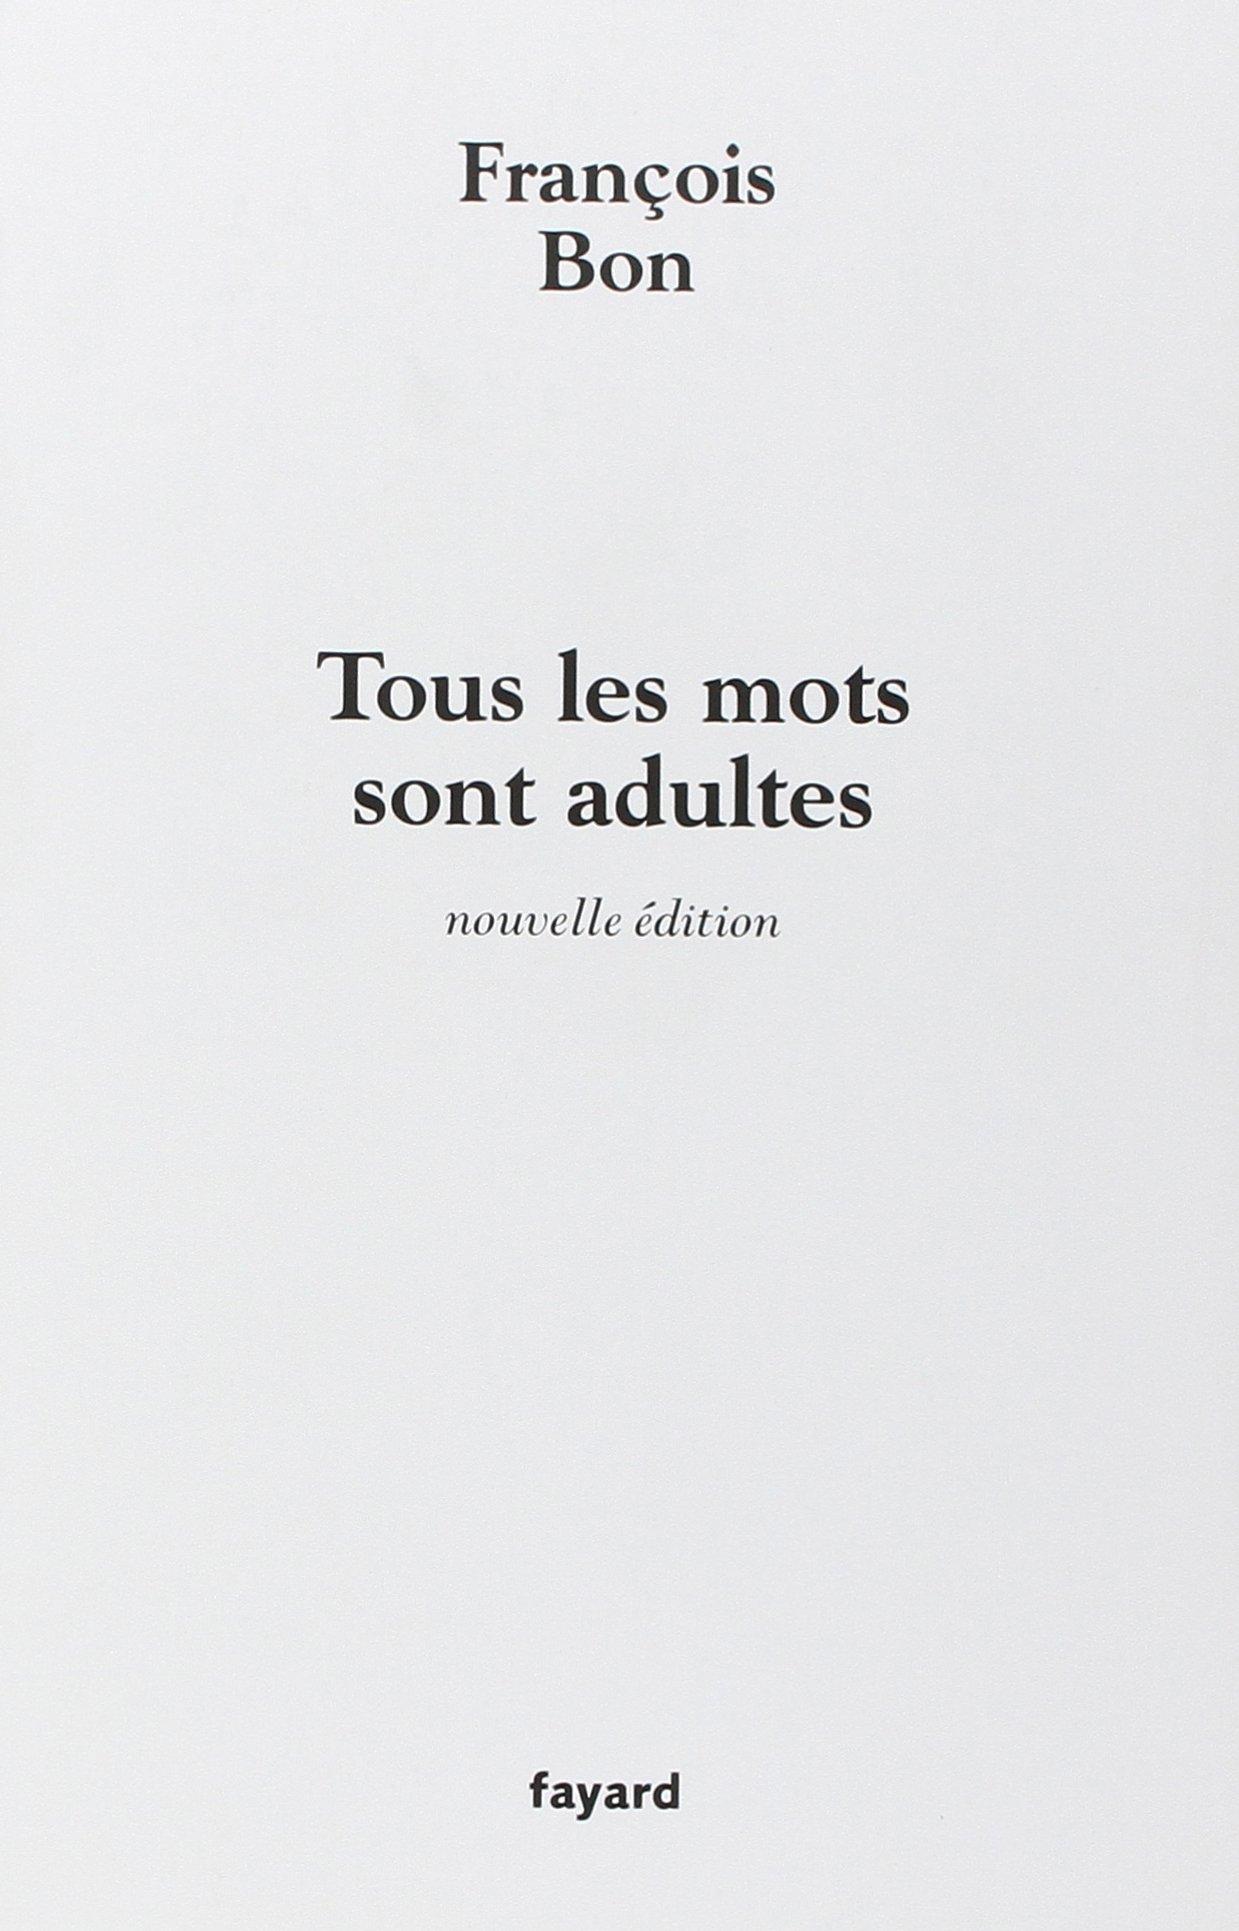 Amazon.fr - Tous les mots sont adultes : Méthode pour l'atelier d'écriture  - François Bon - Livres